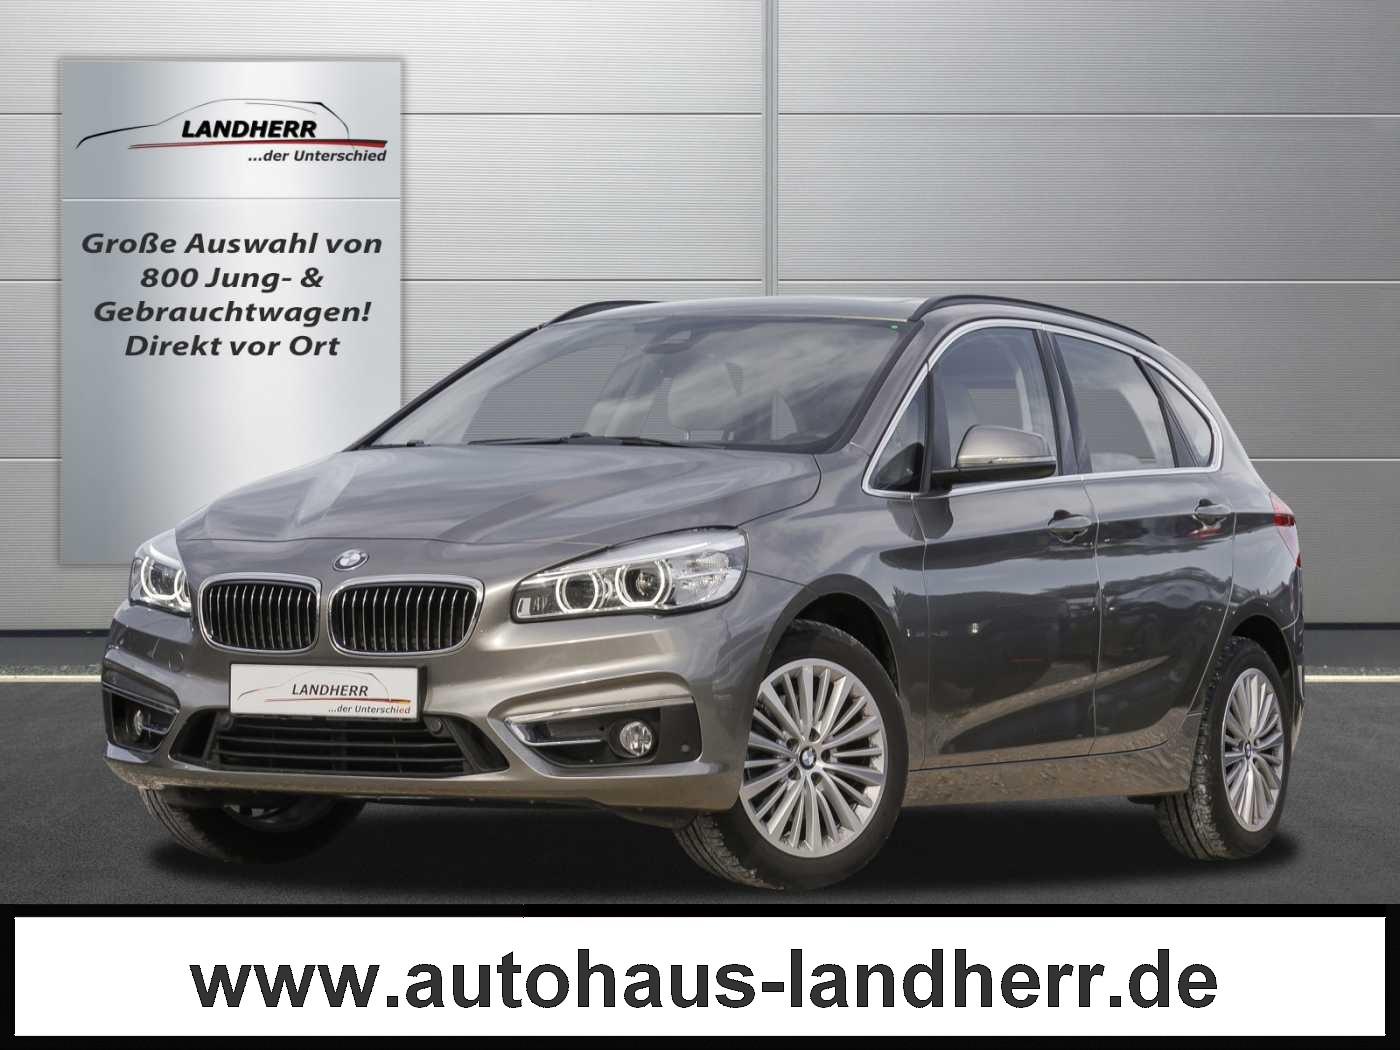 BMW 220d Active Tourer xDrive Aut. Luxury Line / Leder / Pano / NAVI / AHK, Jahr 2015, Diesel